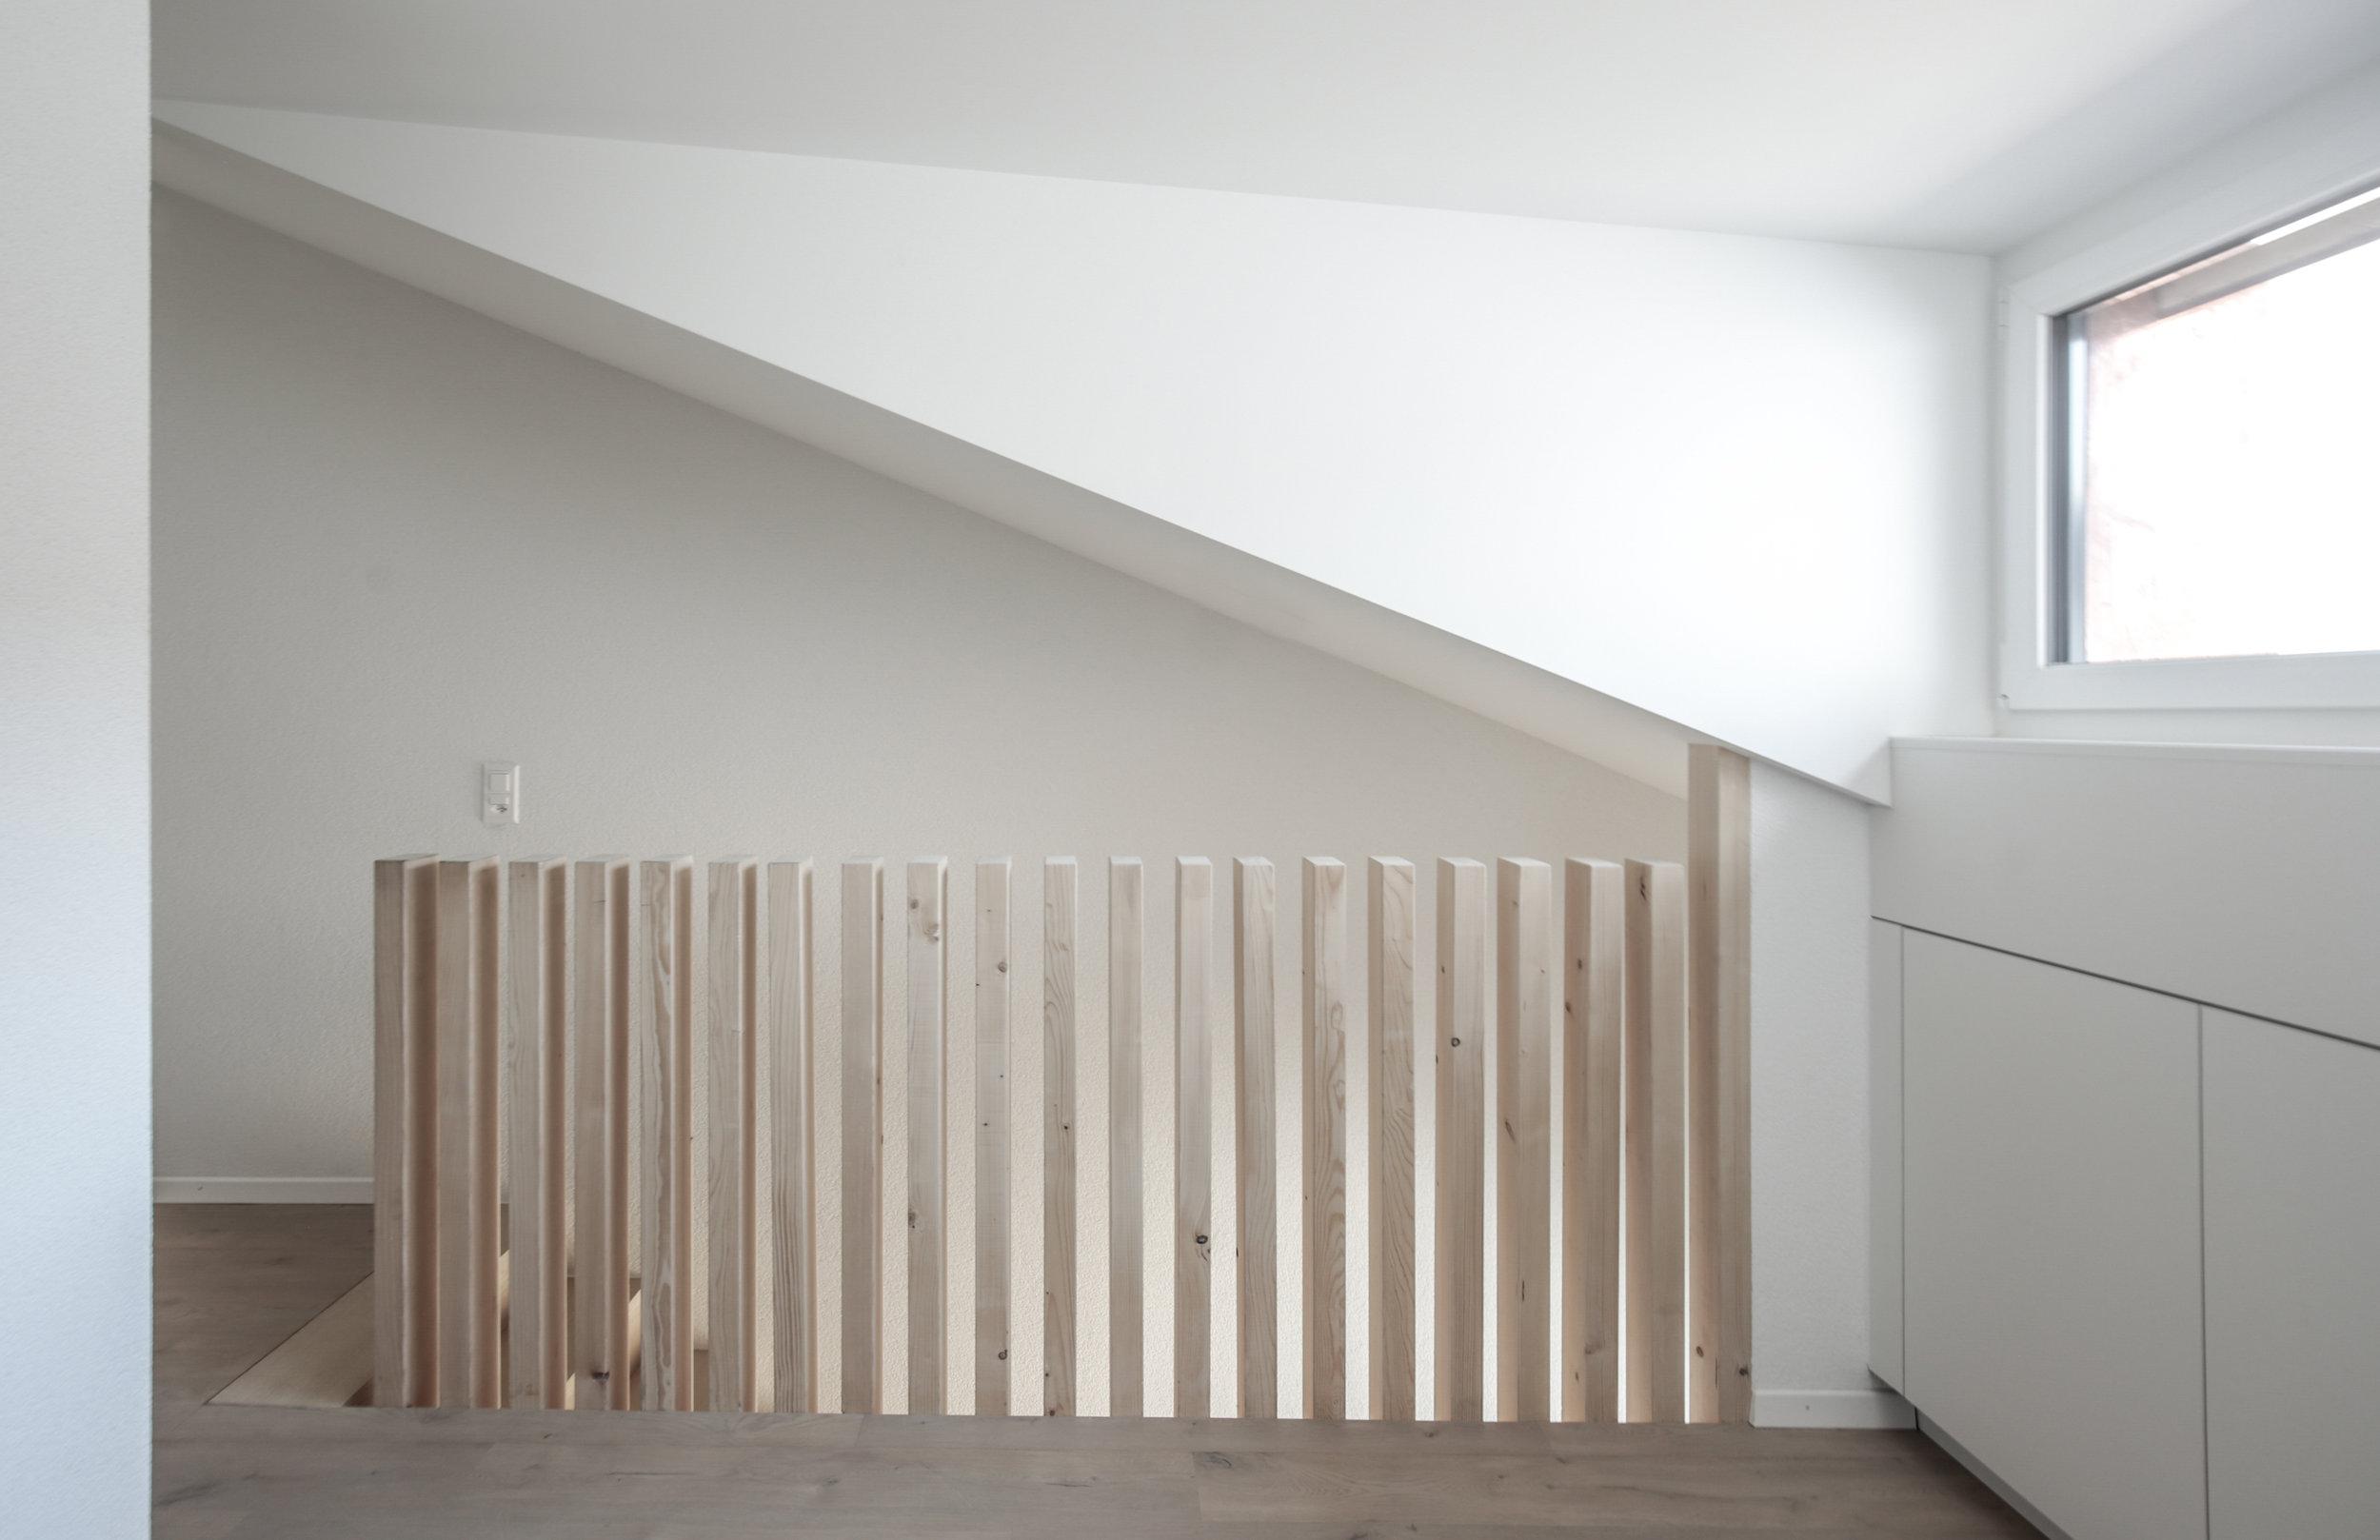 17DUB.10_Substances architectes lavaux Vevey Riex.jpg